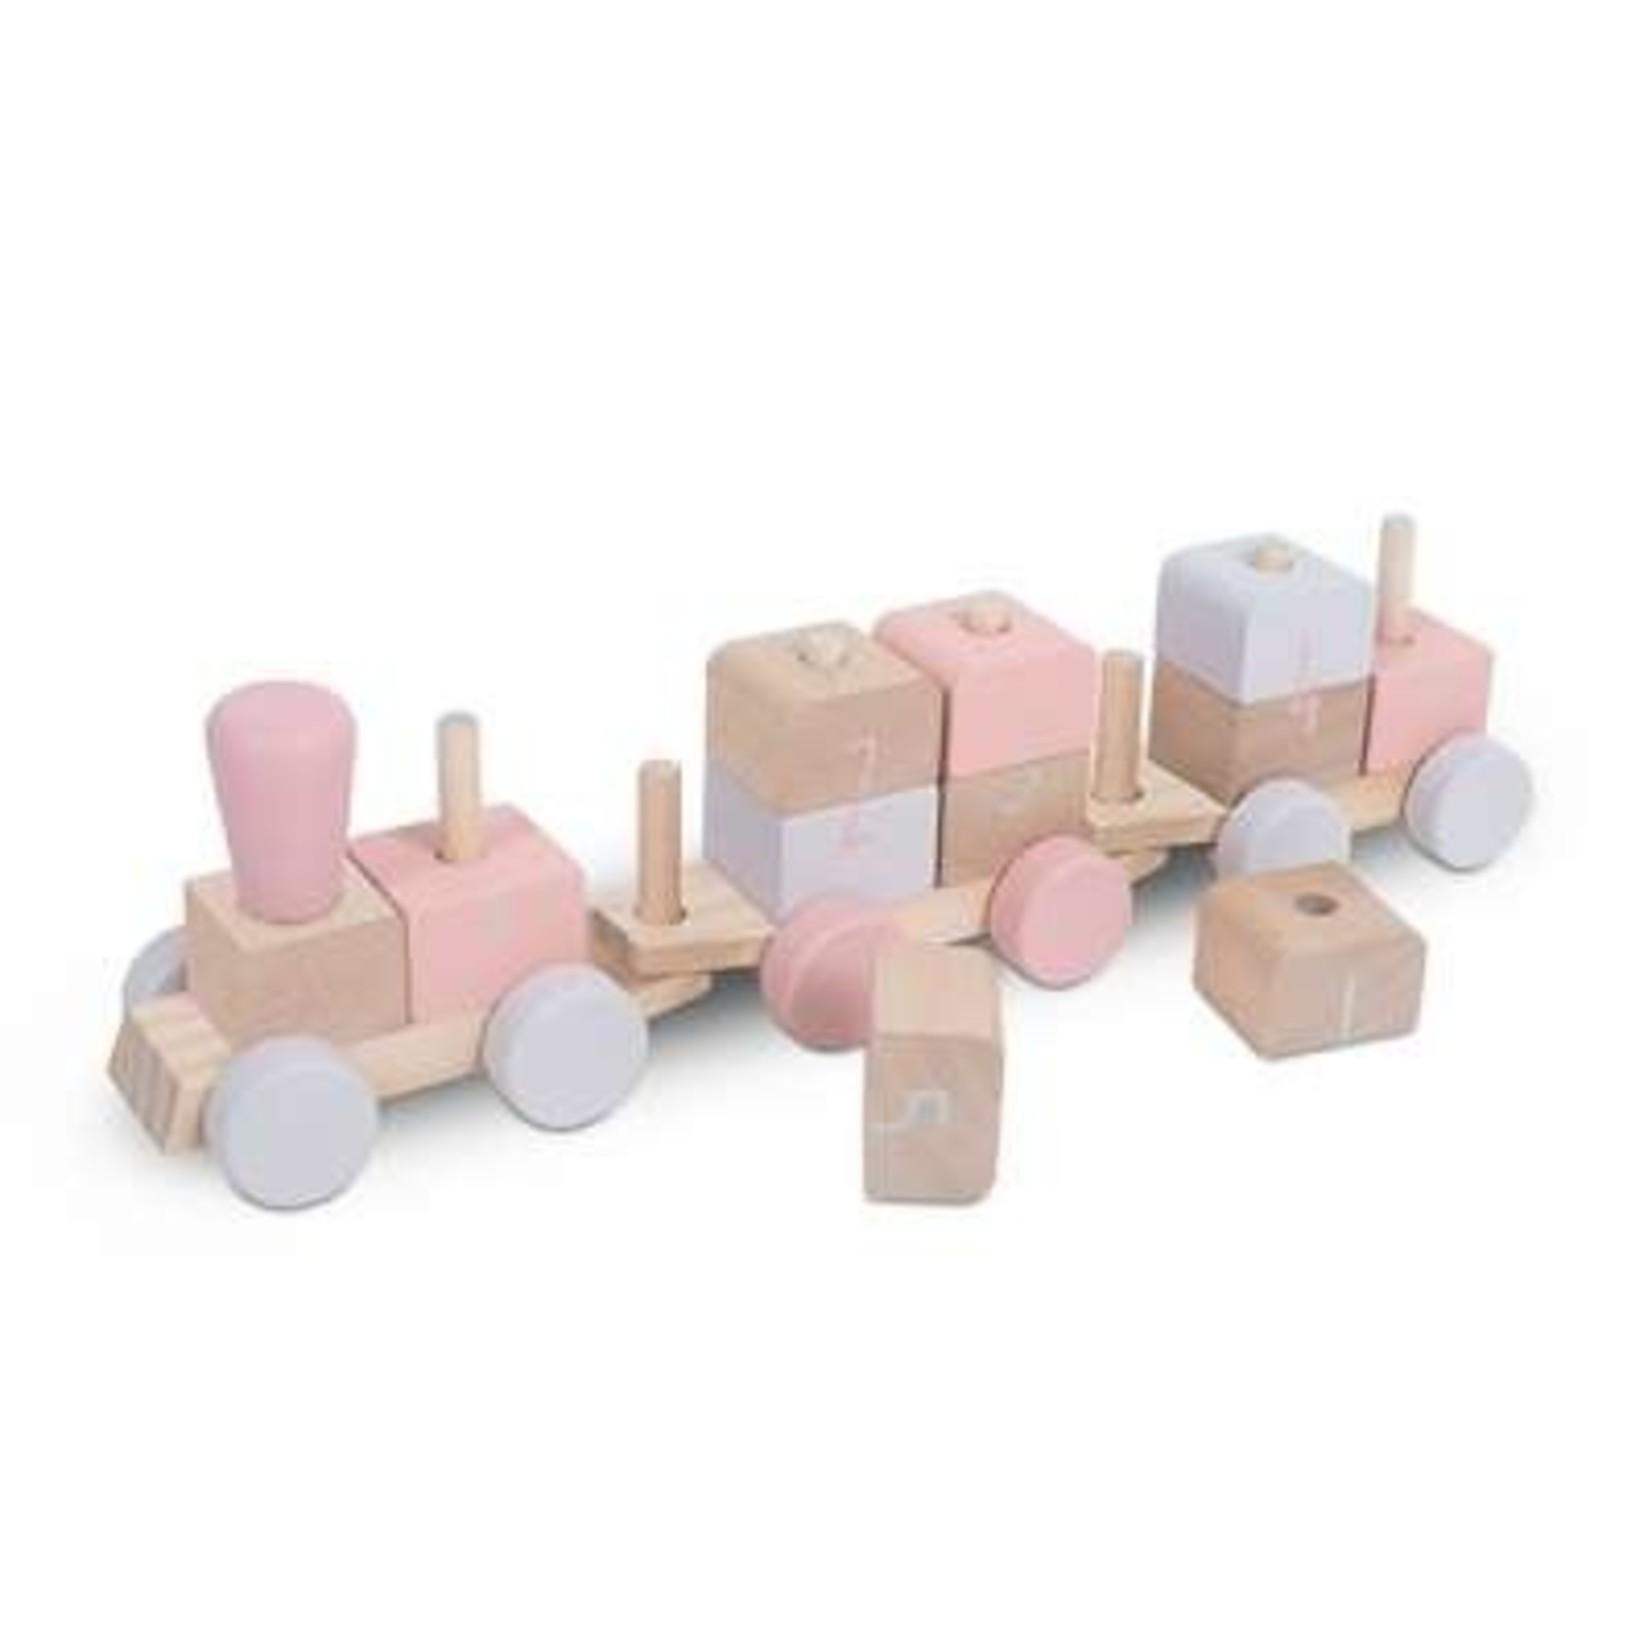 Jollein Jollein Houten Speelgoedtrein Pink